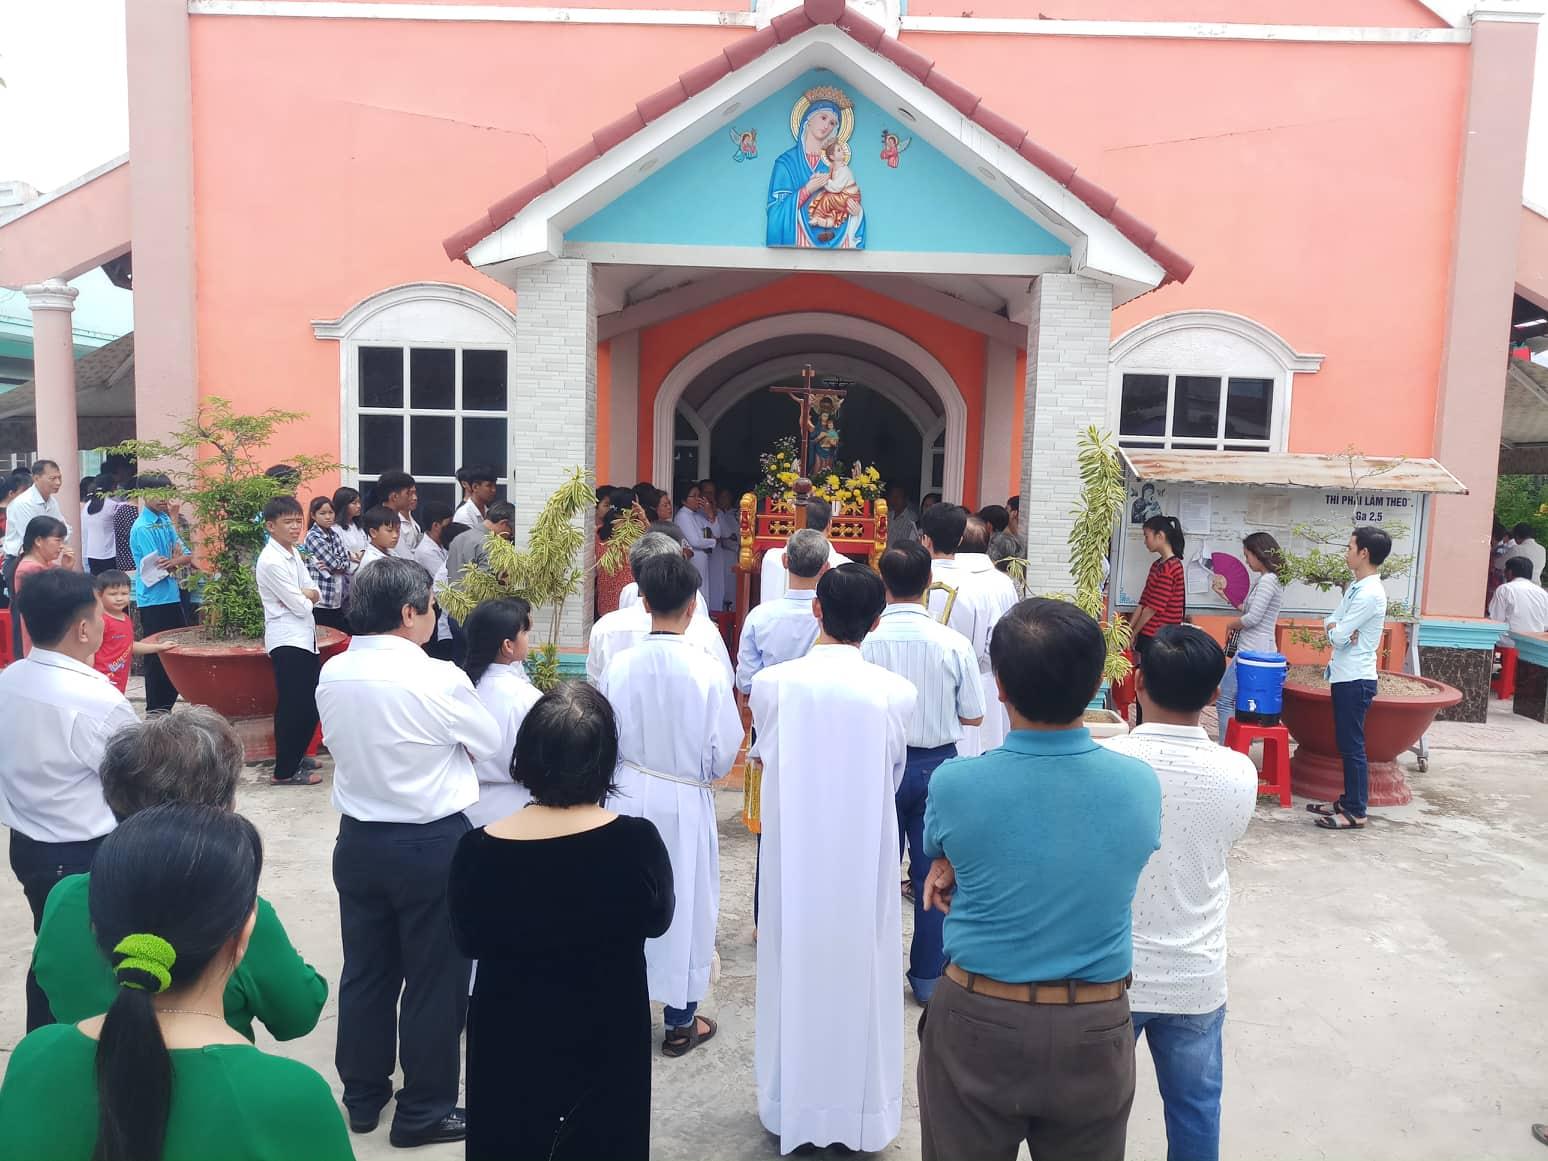 Cộng đoàn Dòng Chúa Cứu Thế Mỹ Thuận : Mừng Lễ Mẹ Hằng Cứu Giúp